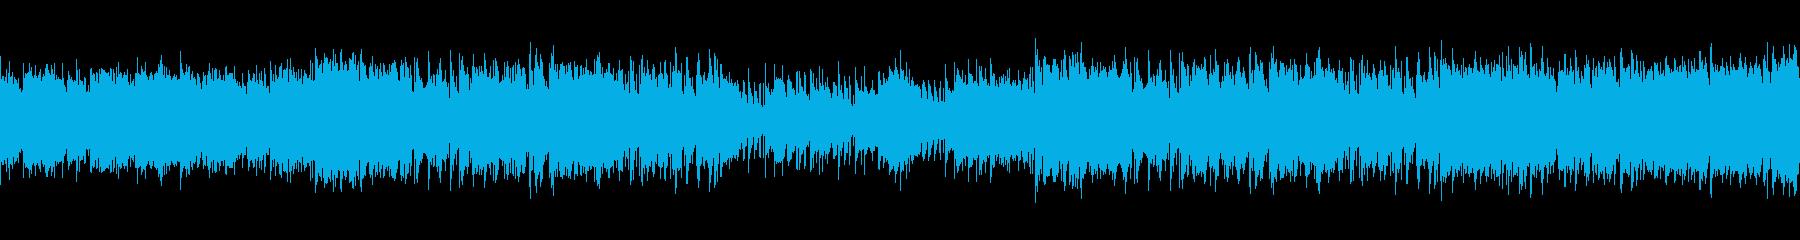 ループ・映画・おしゃれな夜景・R&Bの再生済みの波形